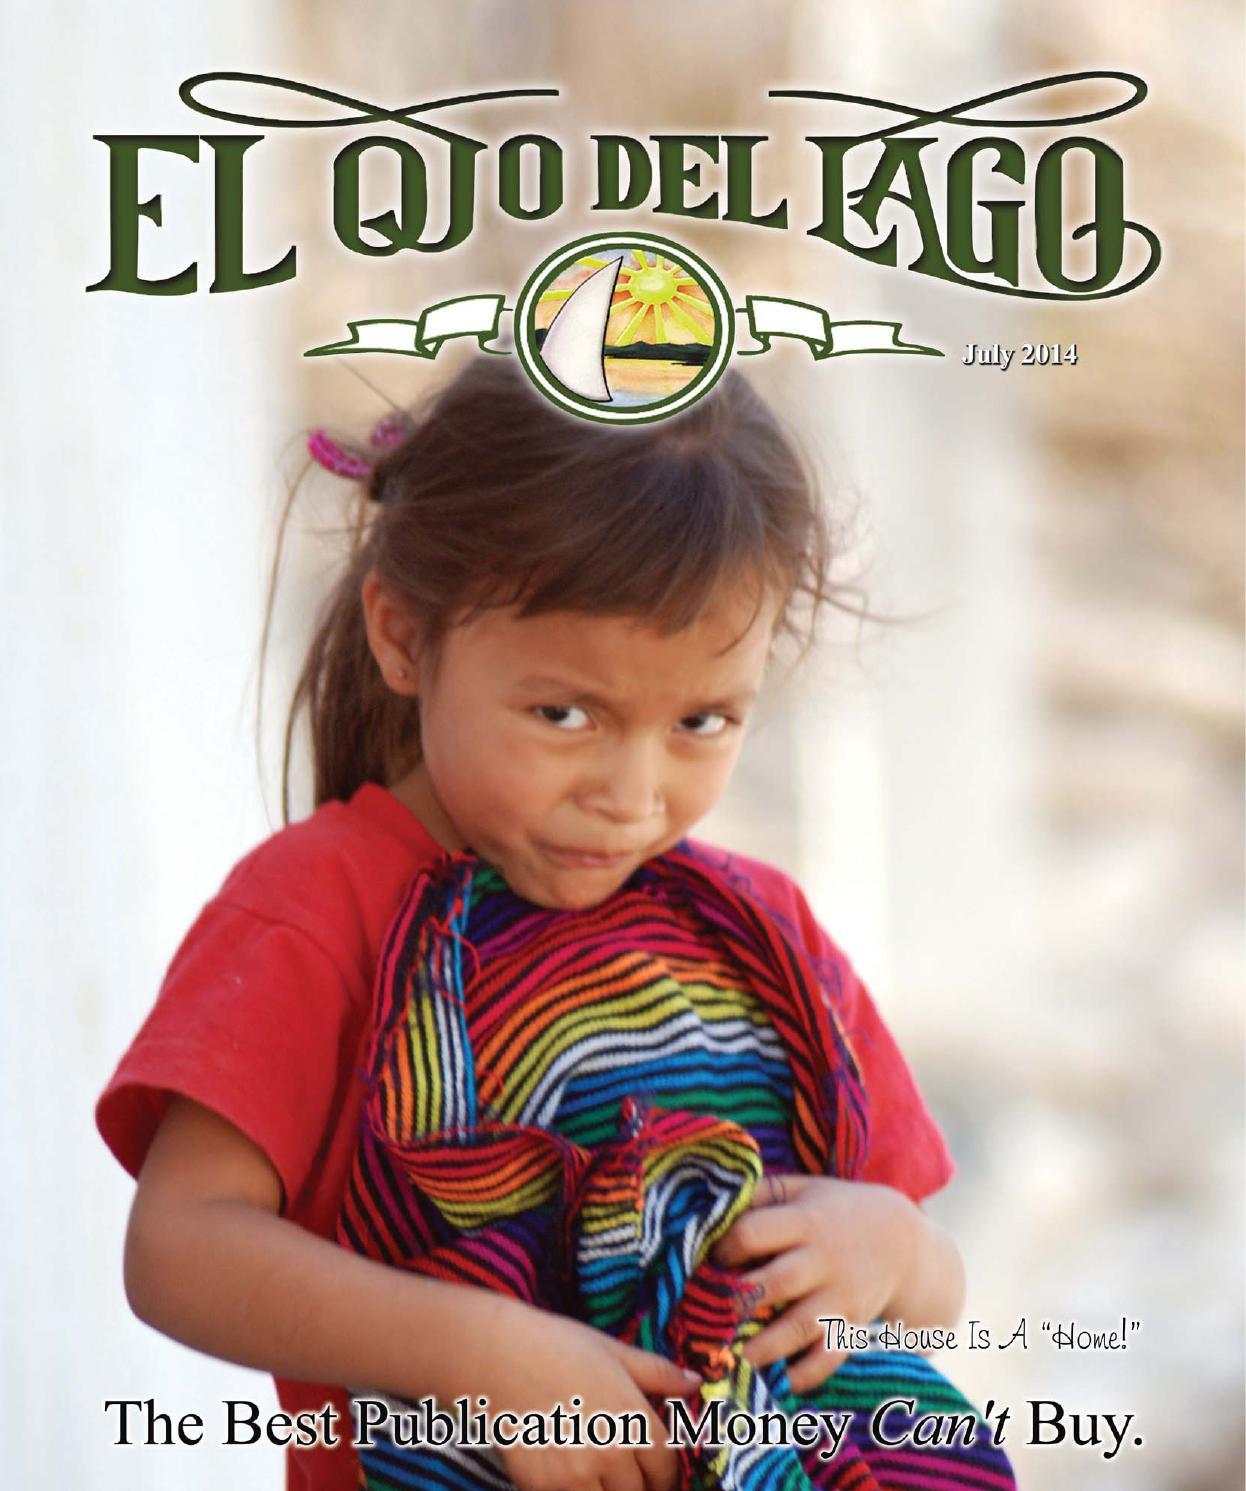 47abc7dce3d3a El Ojo del Lago - July 2014 by El Ojo del Lago - issuu